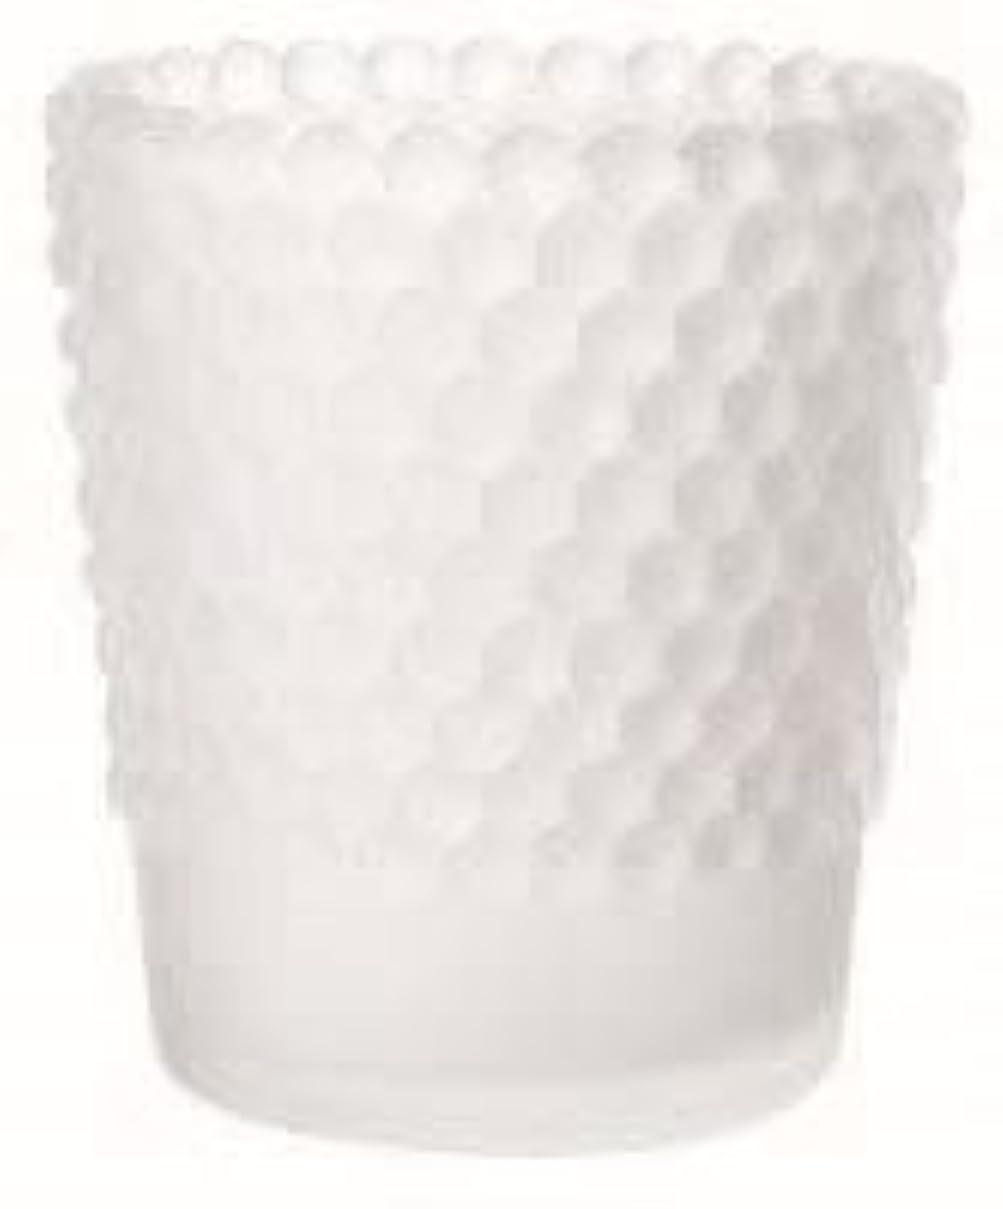 料理をするエスカレート隠すカメヤマキャンドル(kameyama candle) ホビネルグラス 「 フロストホワイト 」6個セット